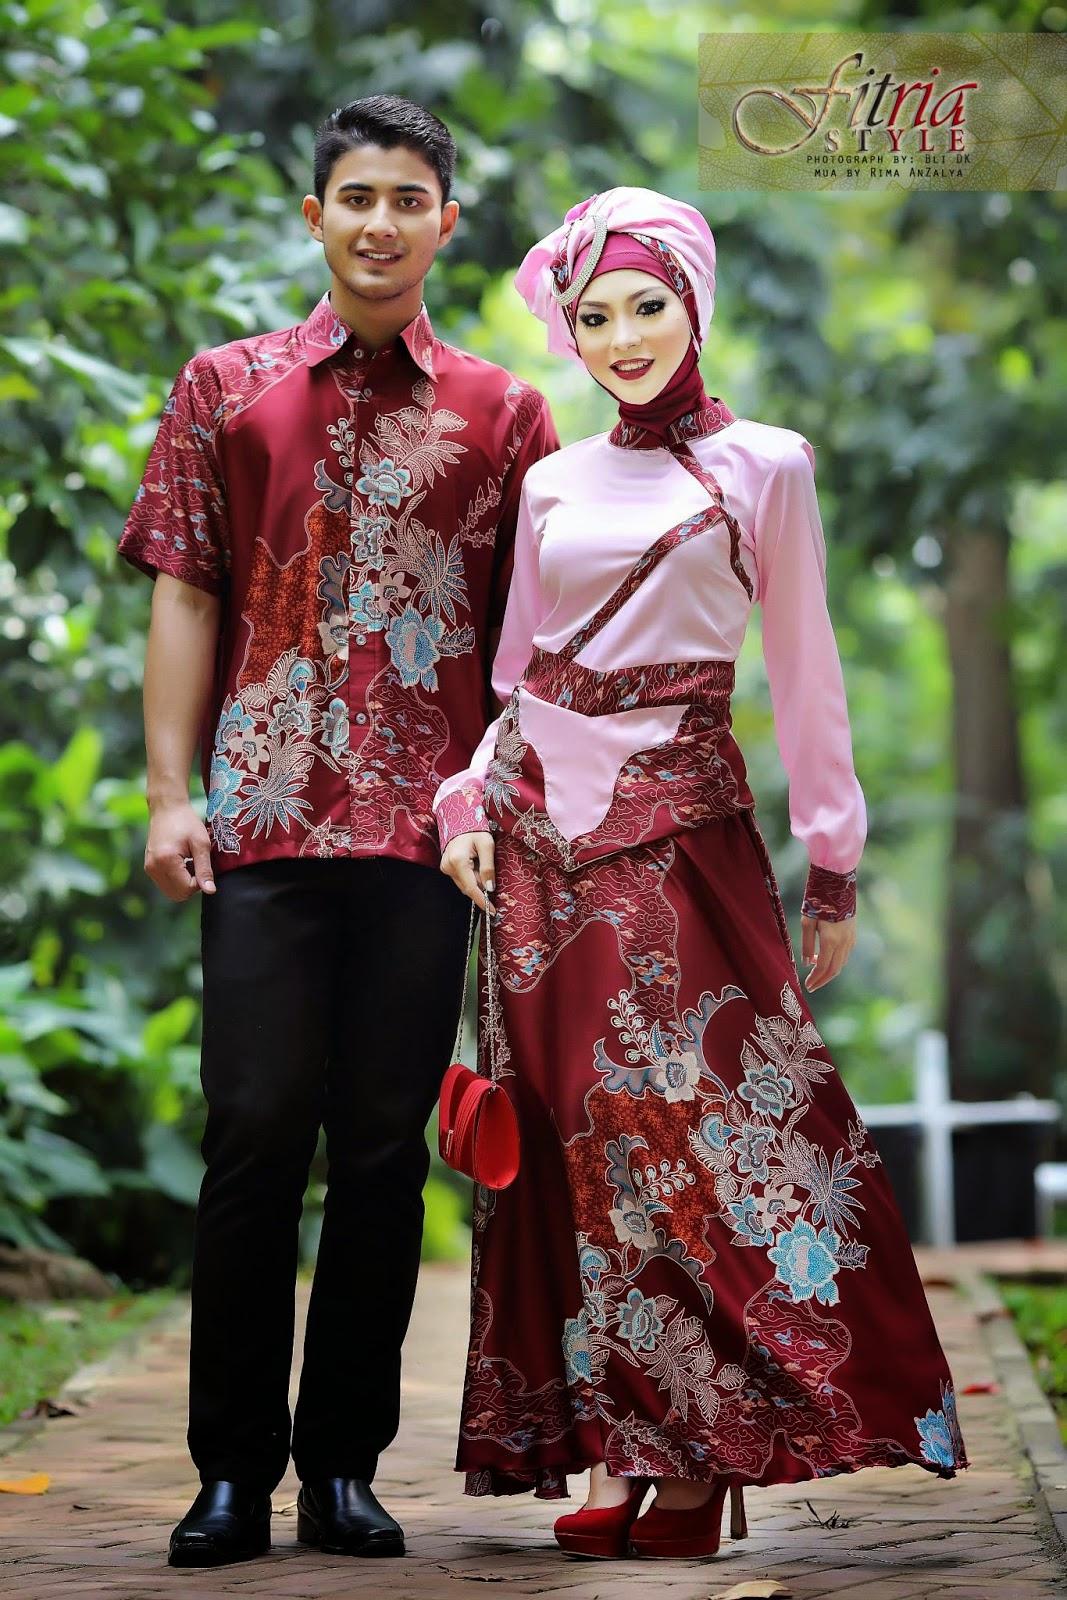 16 Contoh Model Batik Muslim Pesta Modern Terbaik ...